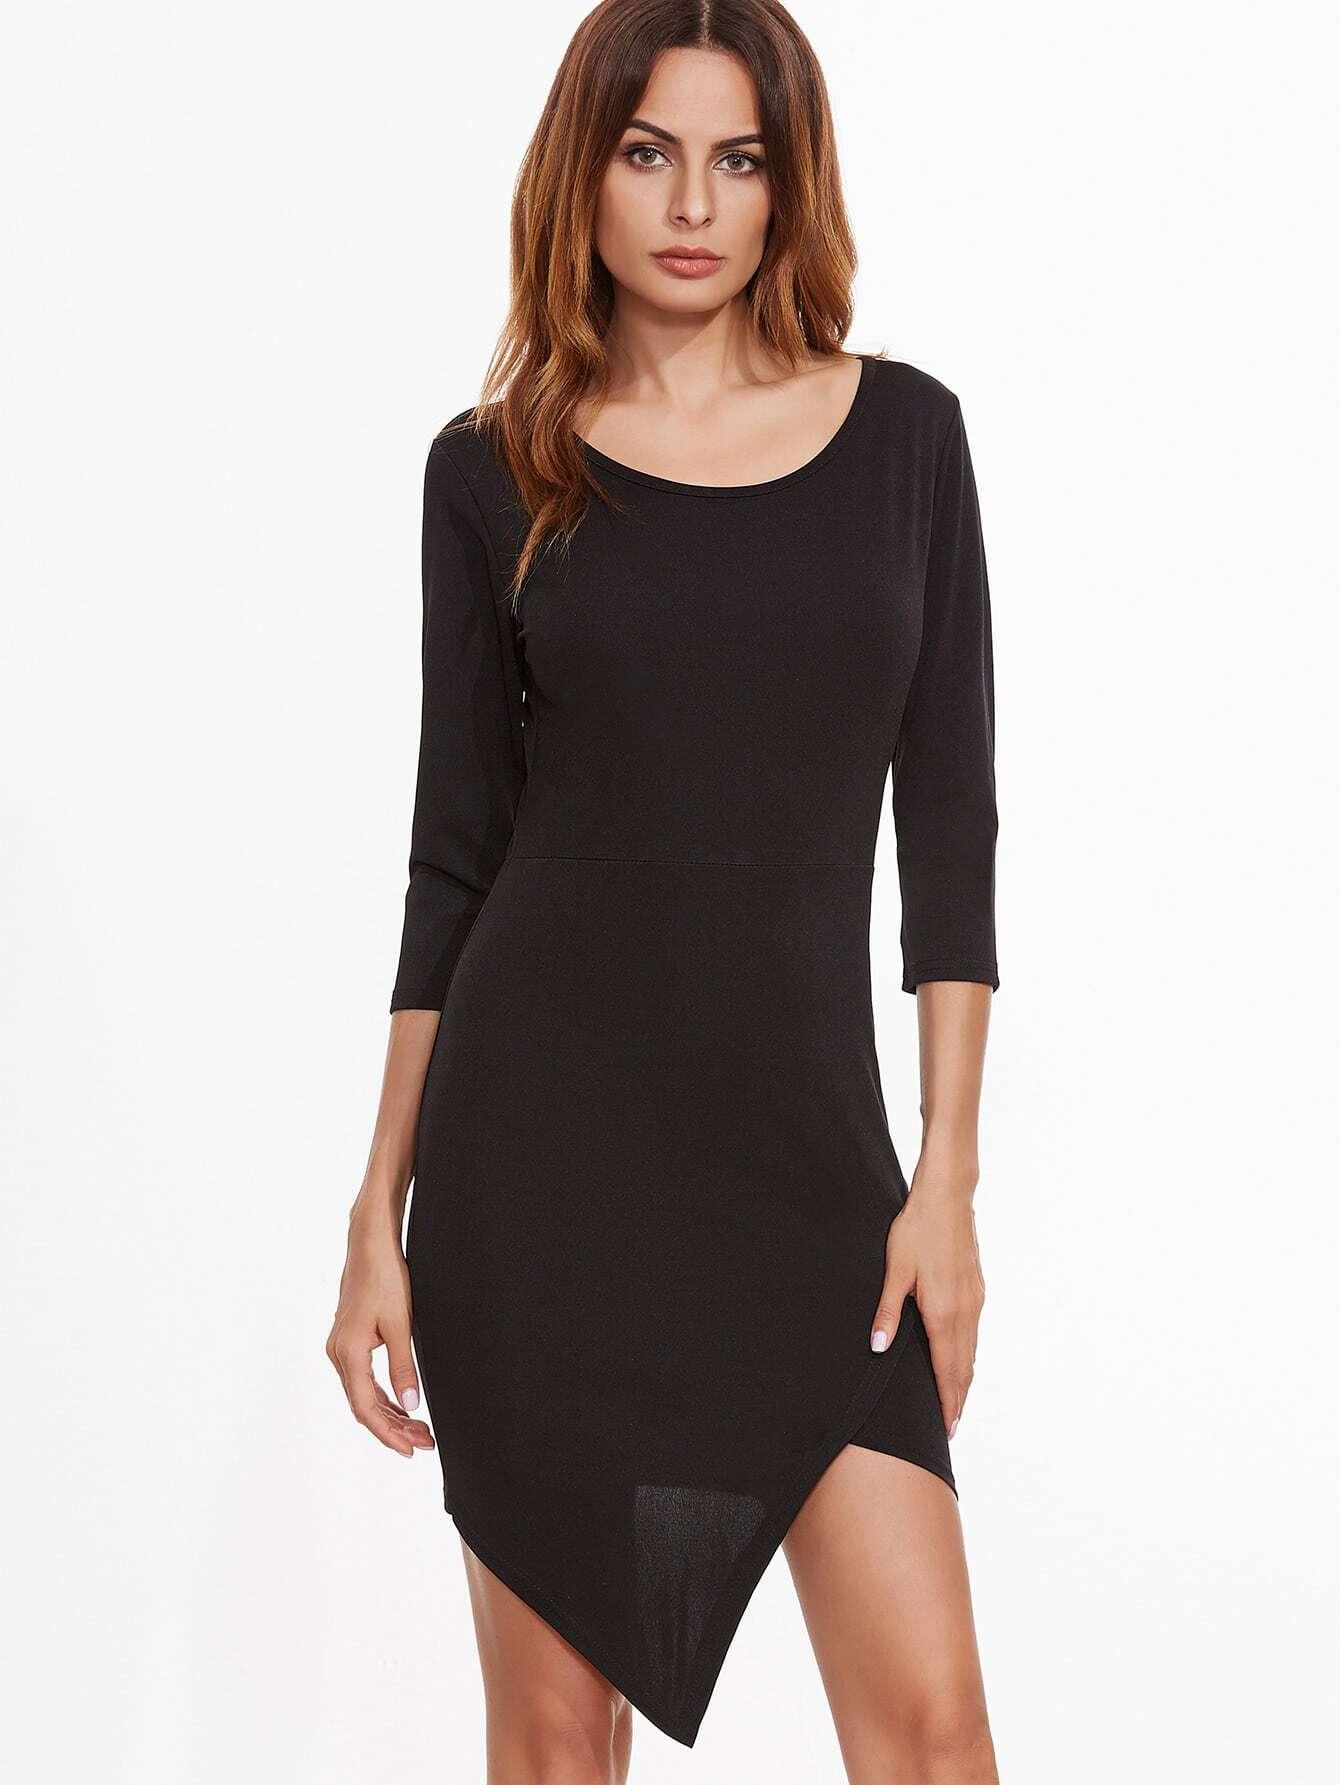 Black Asymmetric Hem Zipper Back Sheath Dress dress161026102